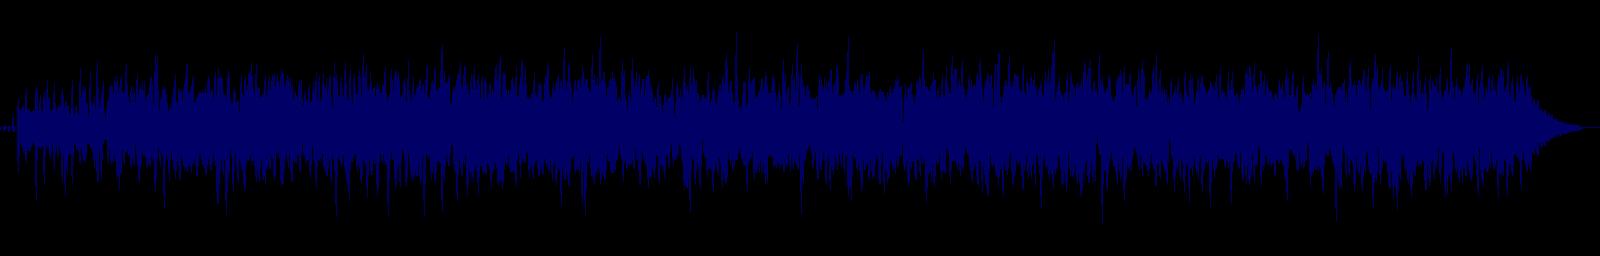 waveform of track #95584